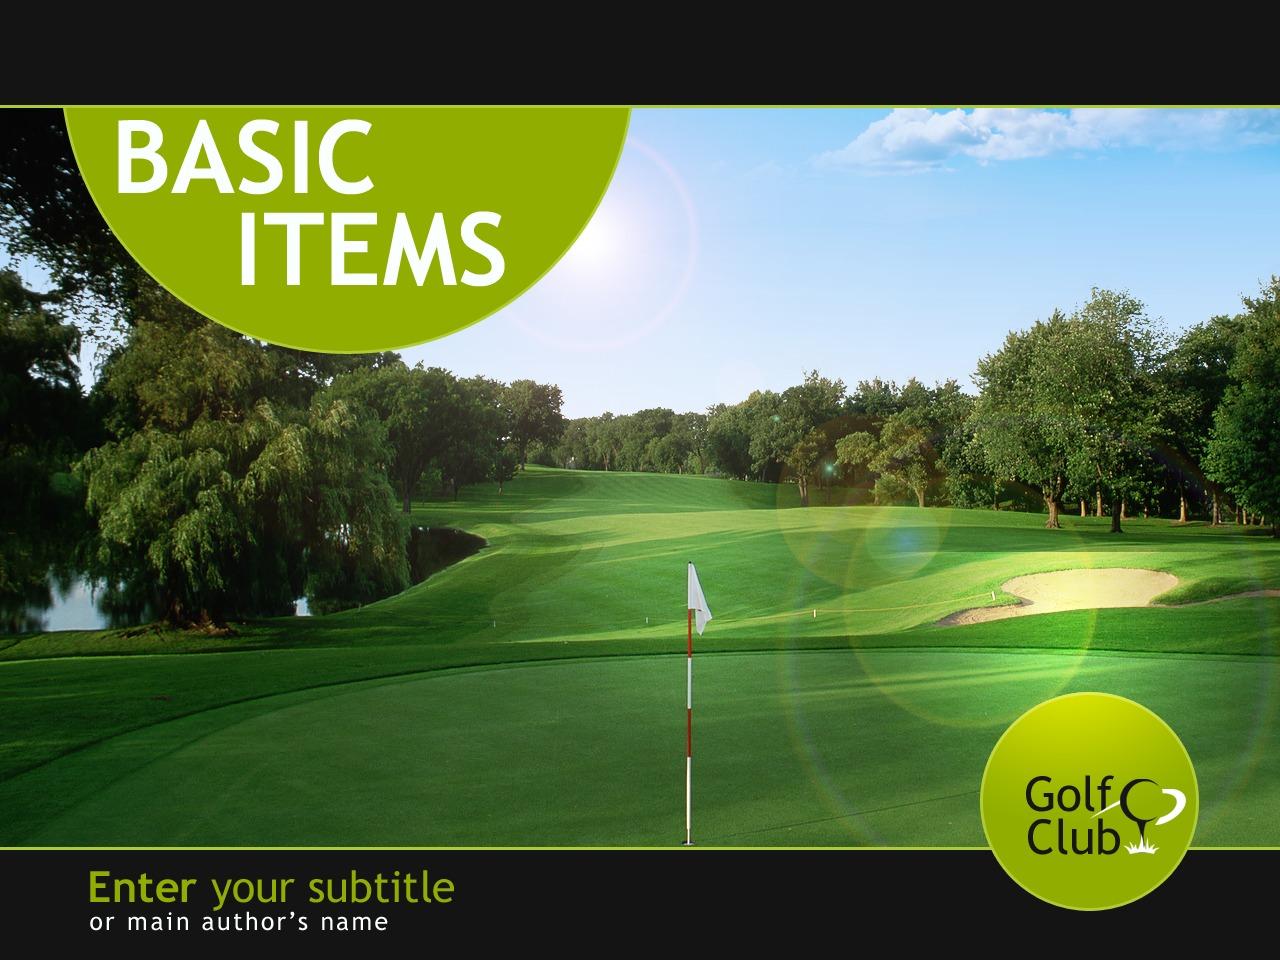 Szablon PowerPoint #32097 na temat: golf